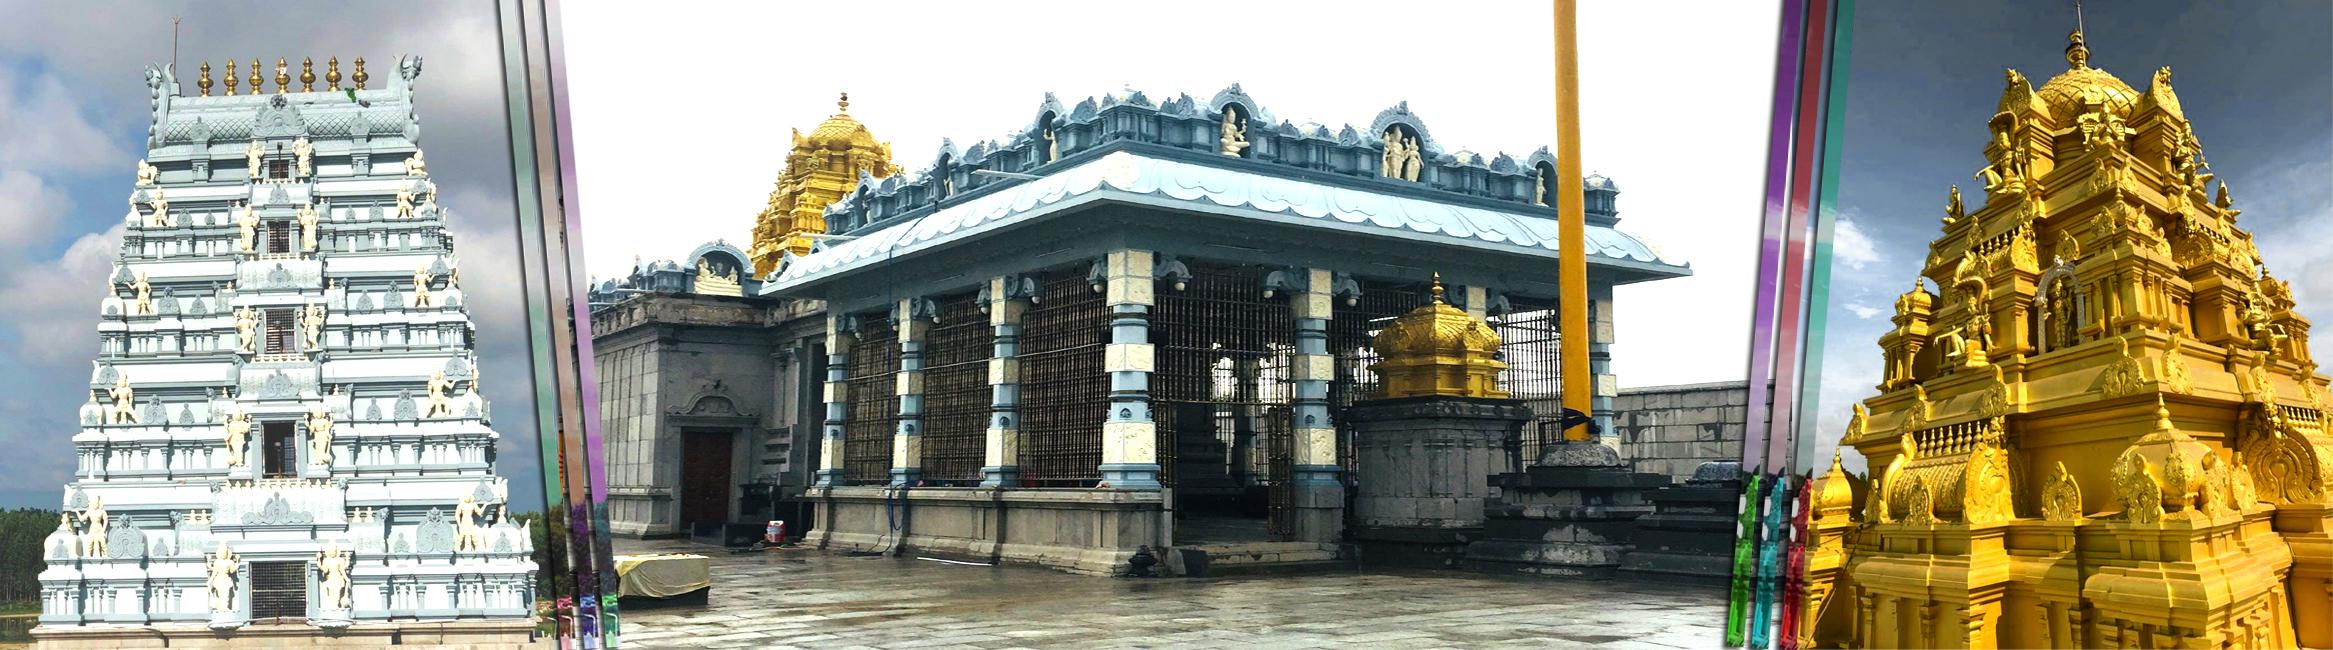 Shri Venkateswara Swamy Tirupati Balaji temple